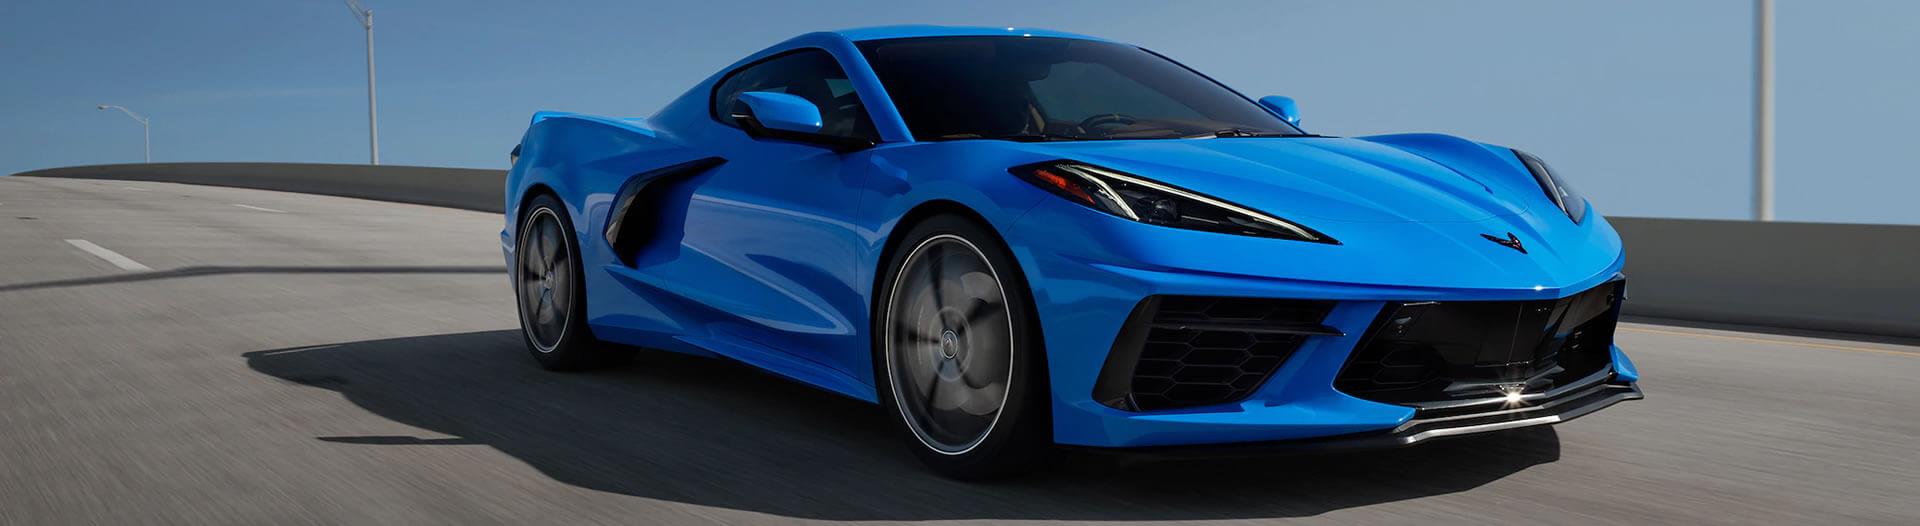 GMSV 2020 Corvette